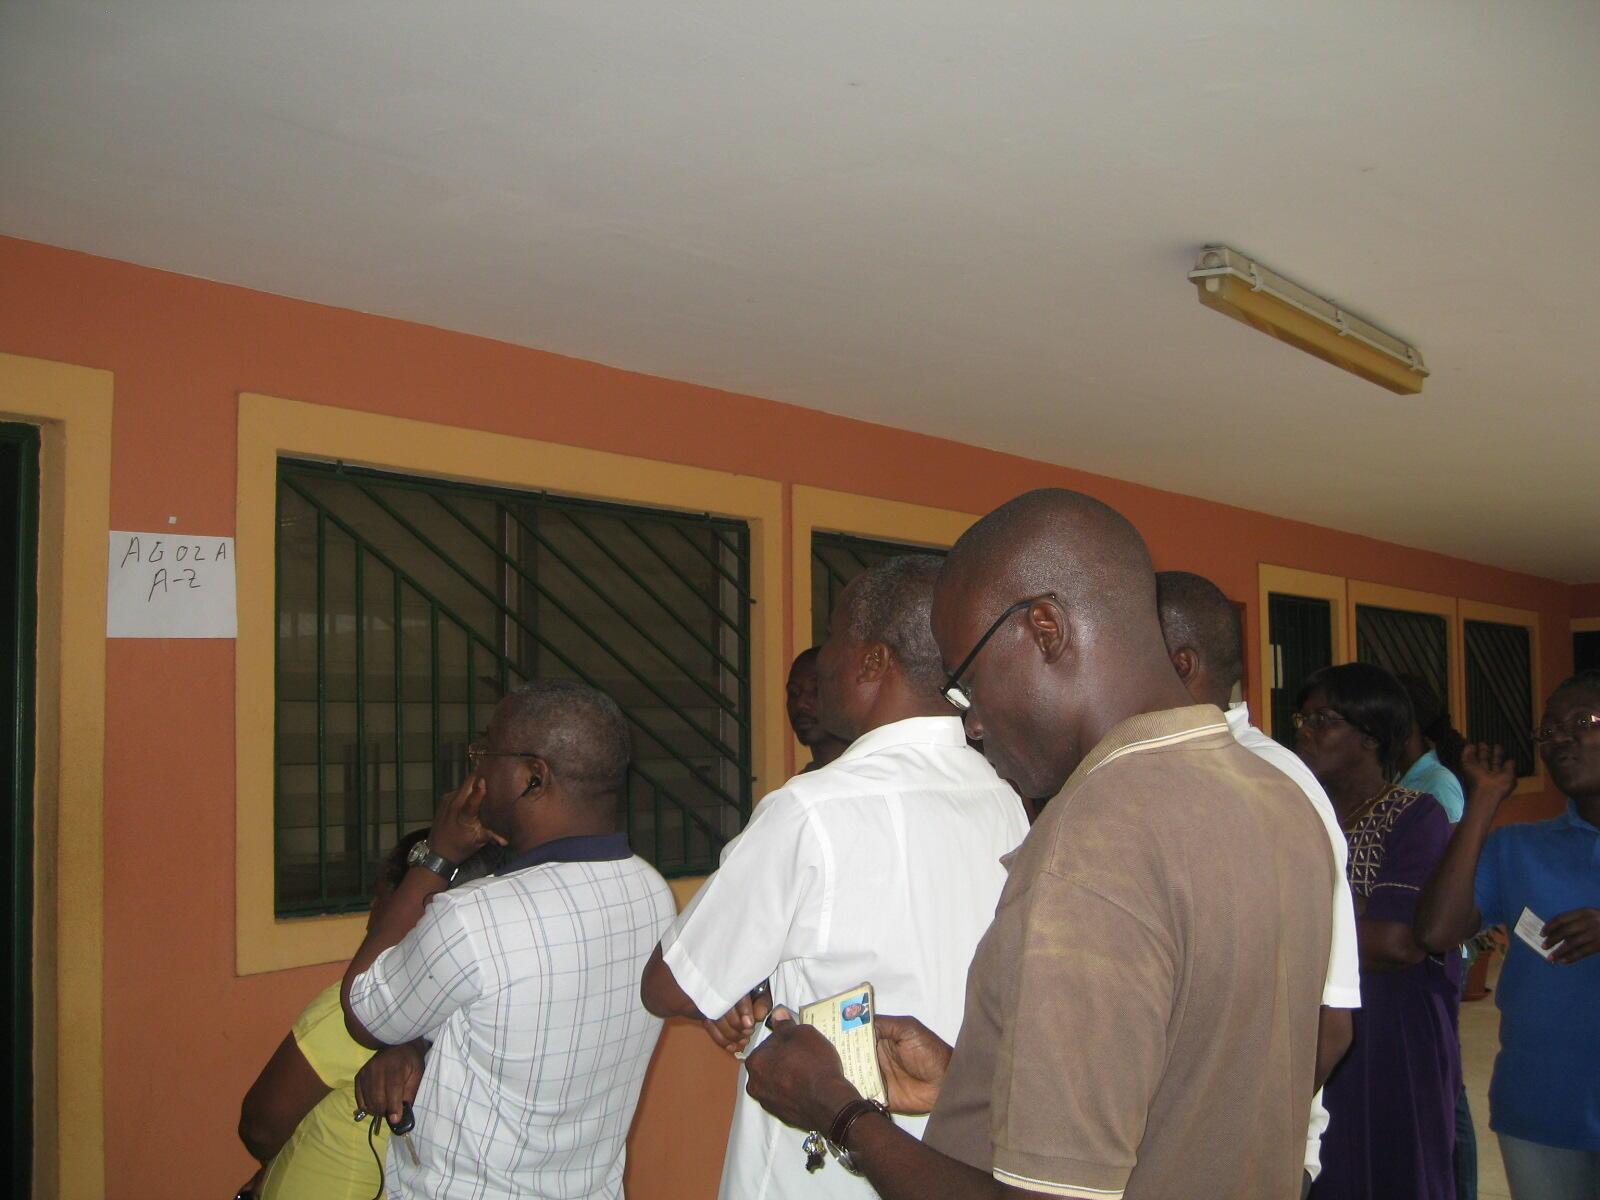 Eleitores santomenses nas eleições de 17 de julho de 2011 em São Tomé